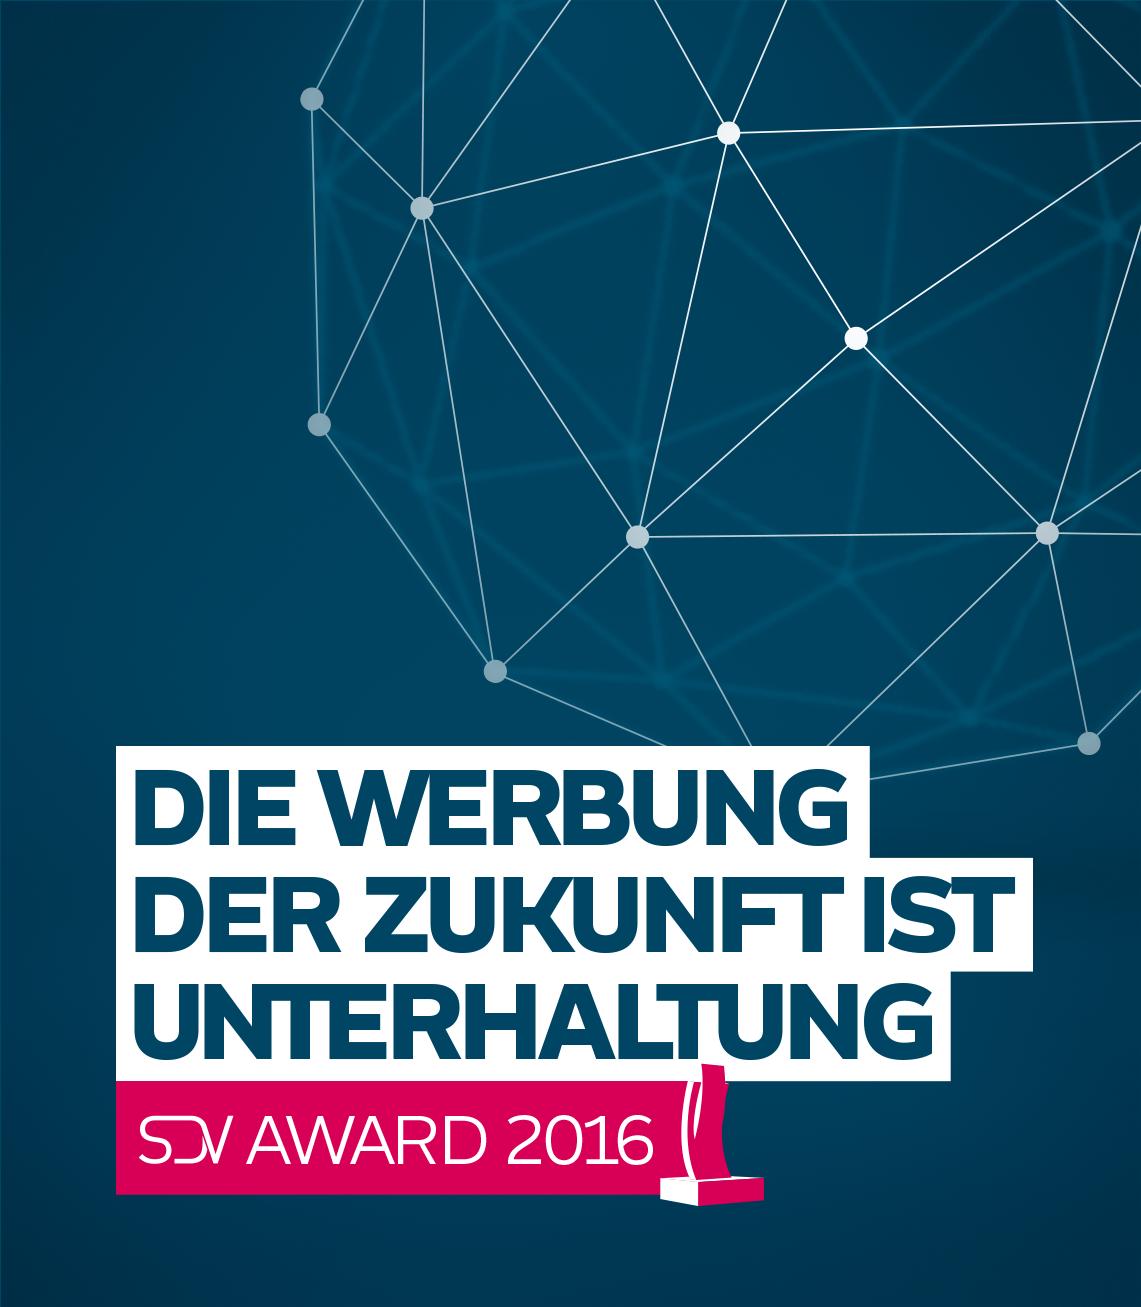 SDV AWARD 2016 – Die Werbung der Zukunft ist Unterhaltung